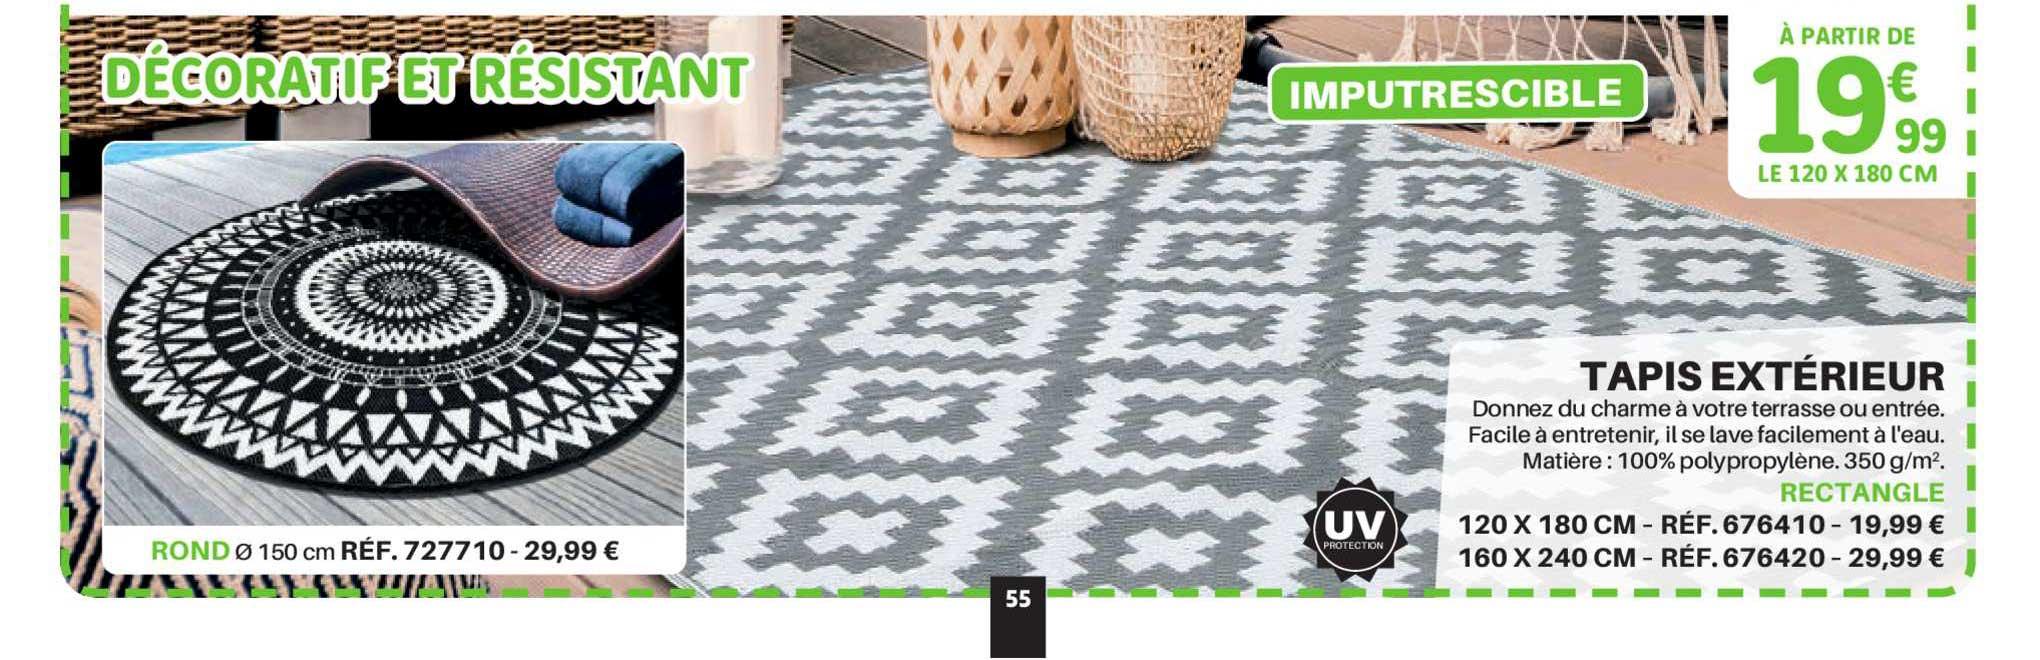 offre tapis d exterieur chez gifi